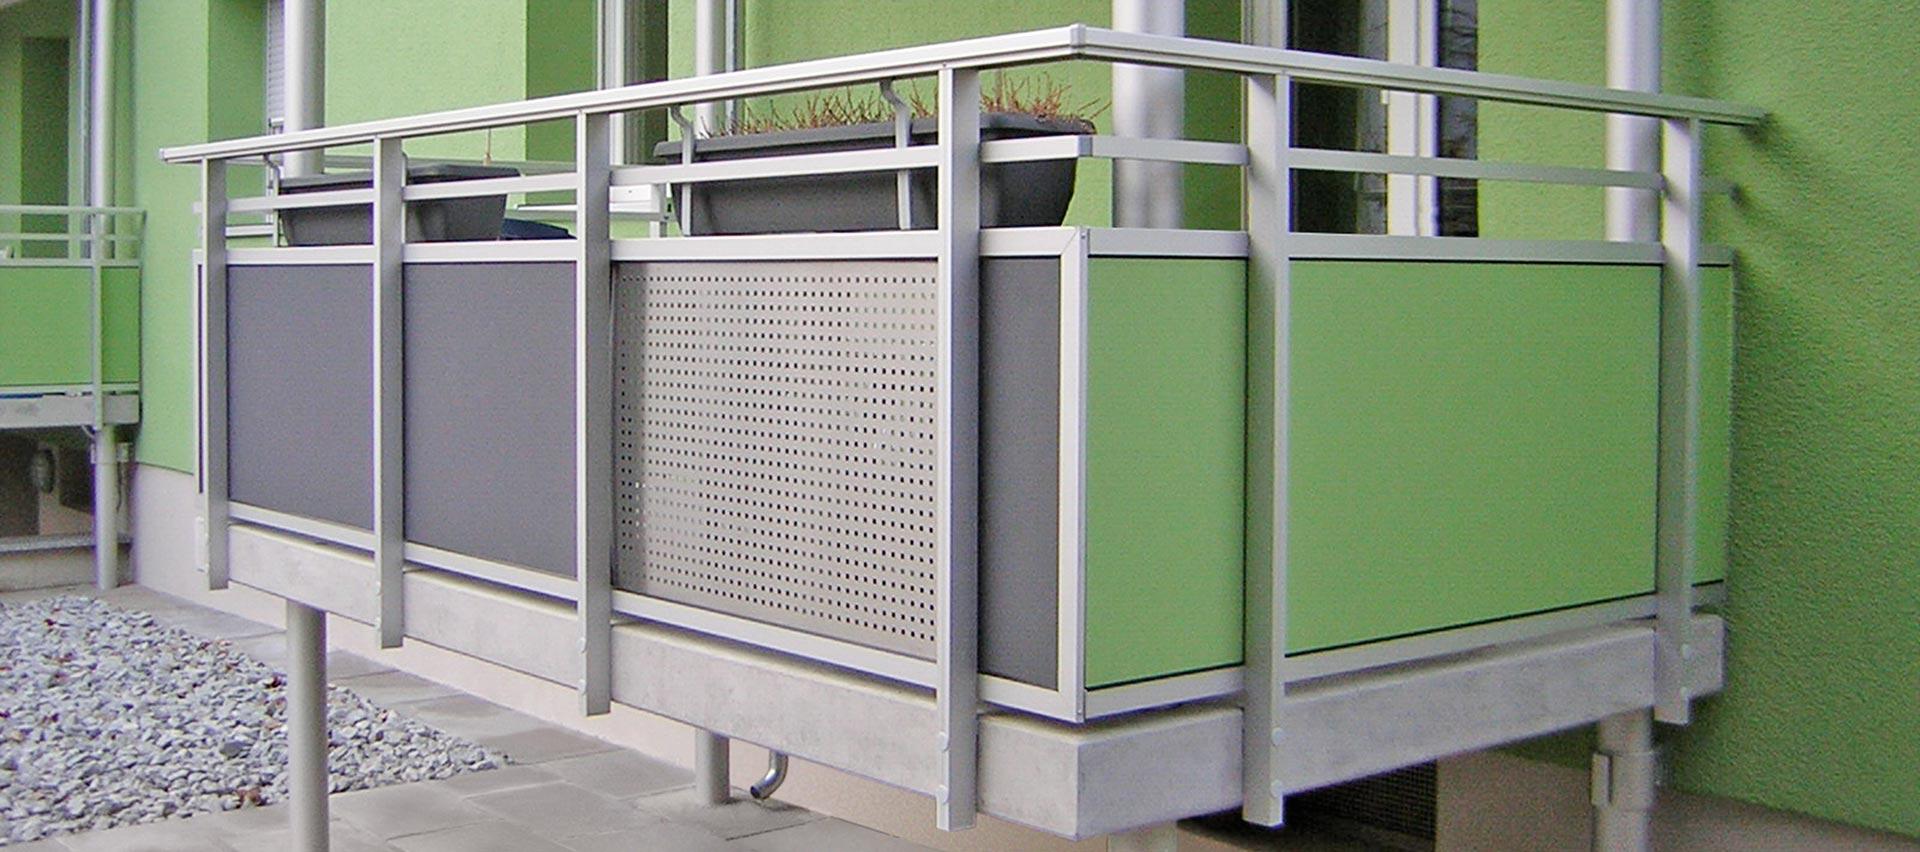 Balkon in grün von Holz-Hauff in Leingarten